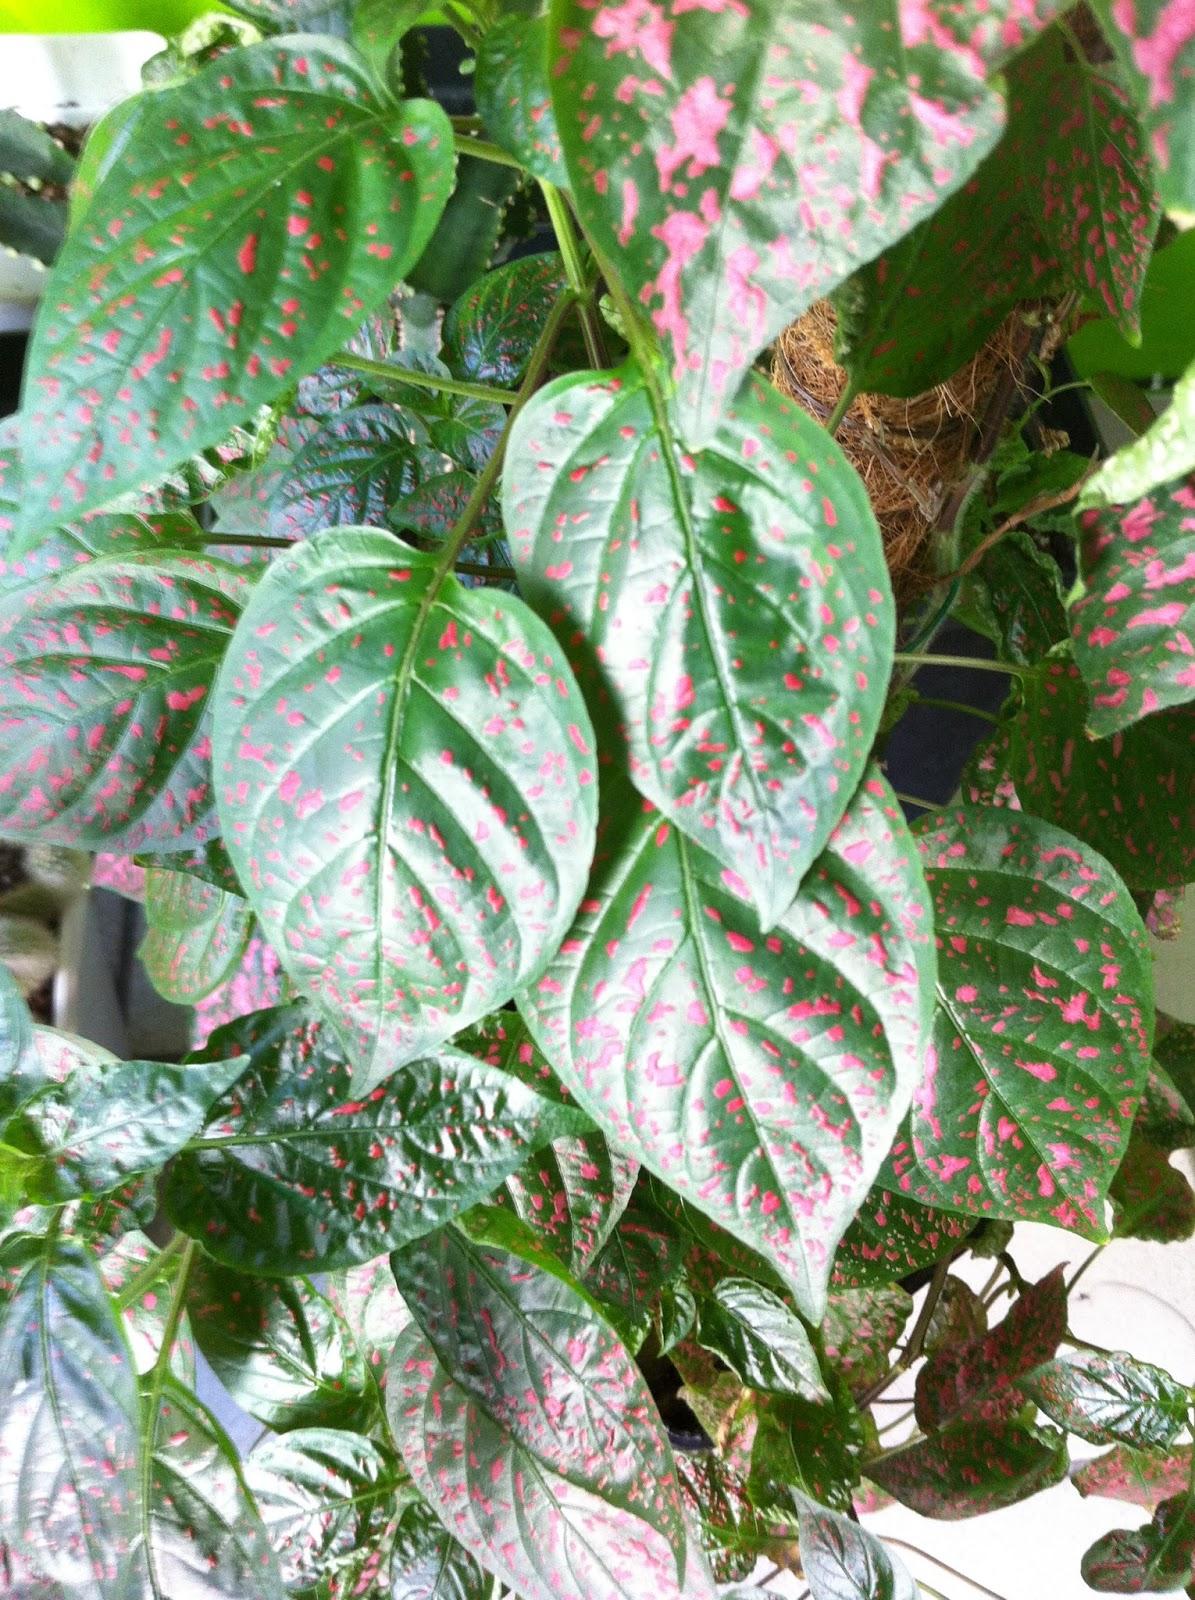 La mar de verde coleus blumei o coleo - Plantas para arriates ...